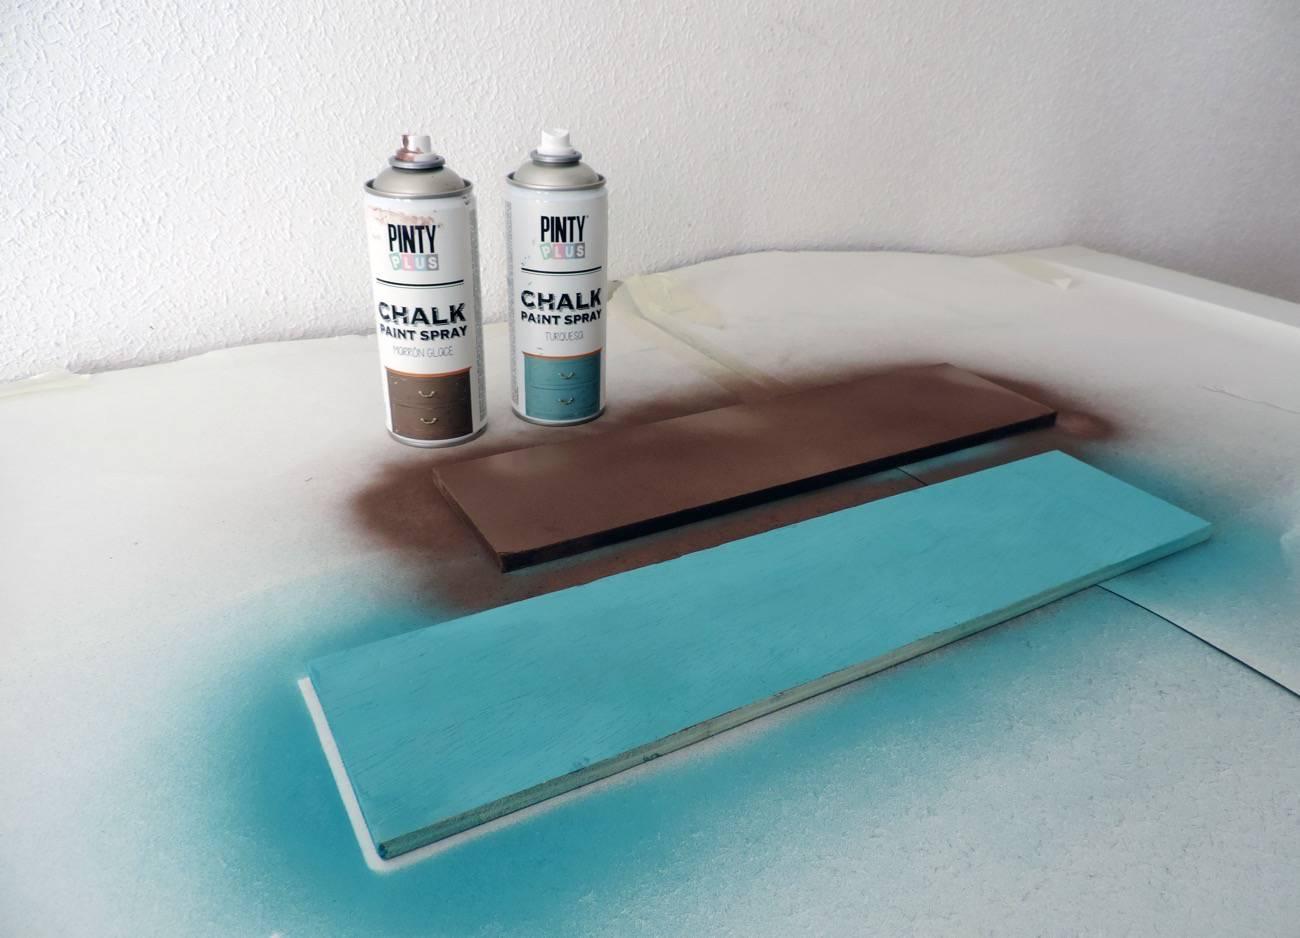 Estanteria para el recibidor - DIY -pintar estantes 10